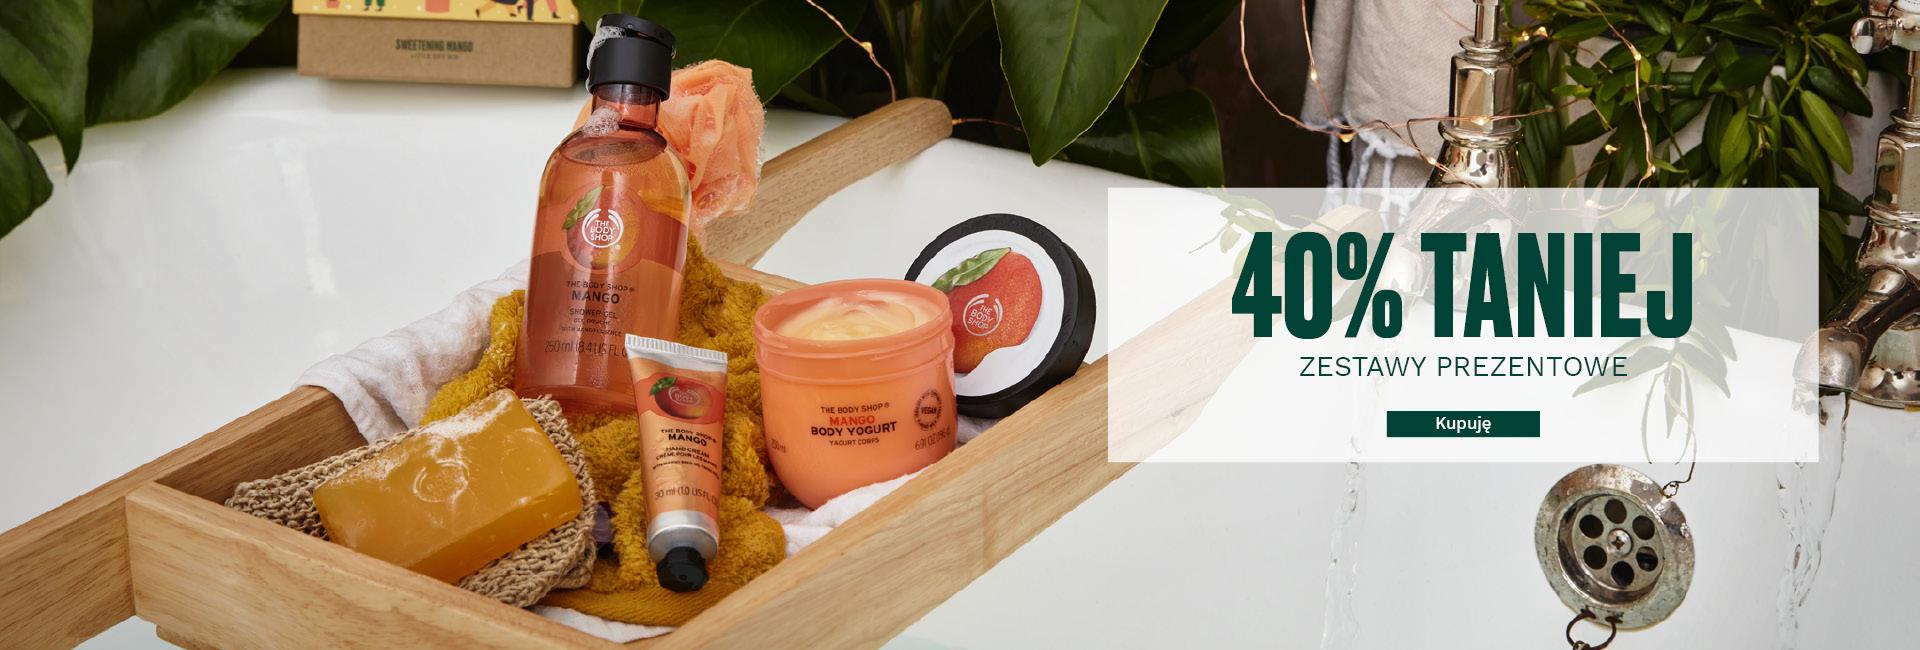 The Body Shop: promocja 40% rabatu na kosmetyki naturalne - zestawy prezentowe